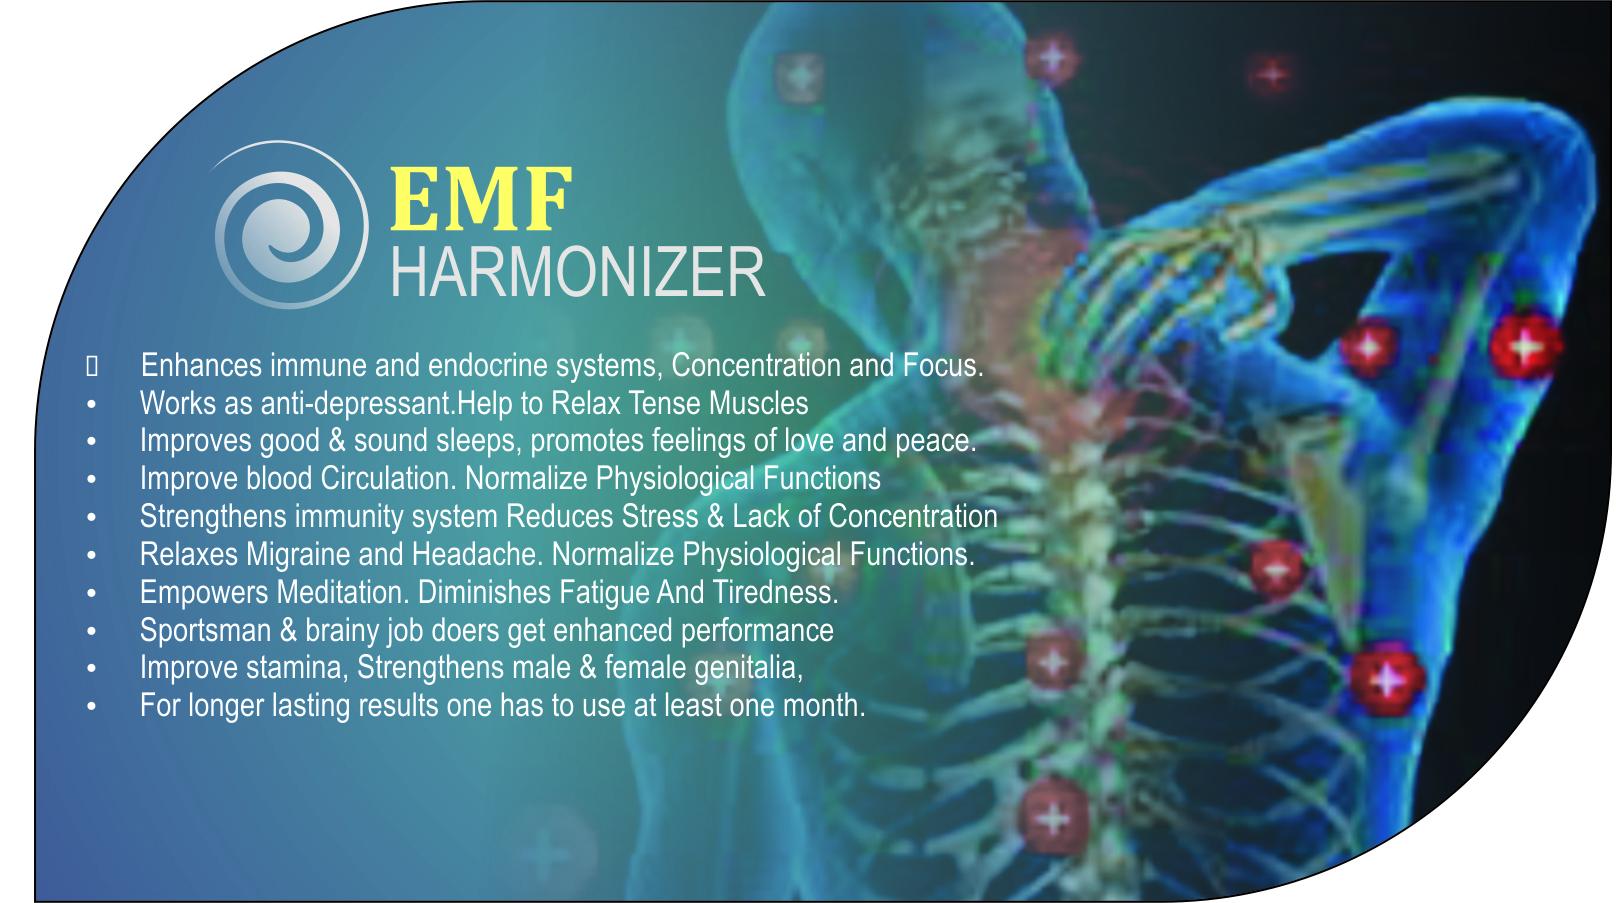 EMF Harmonizer Card